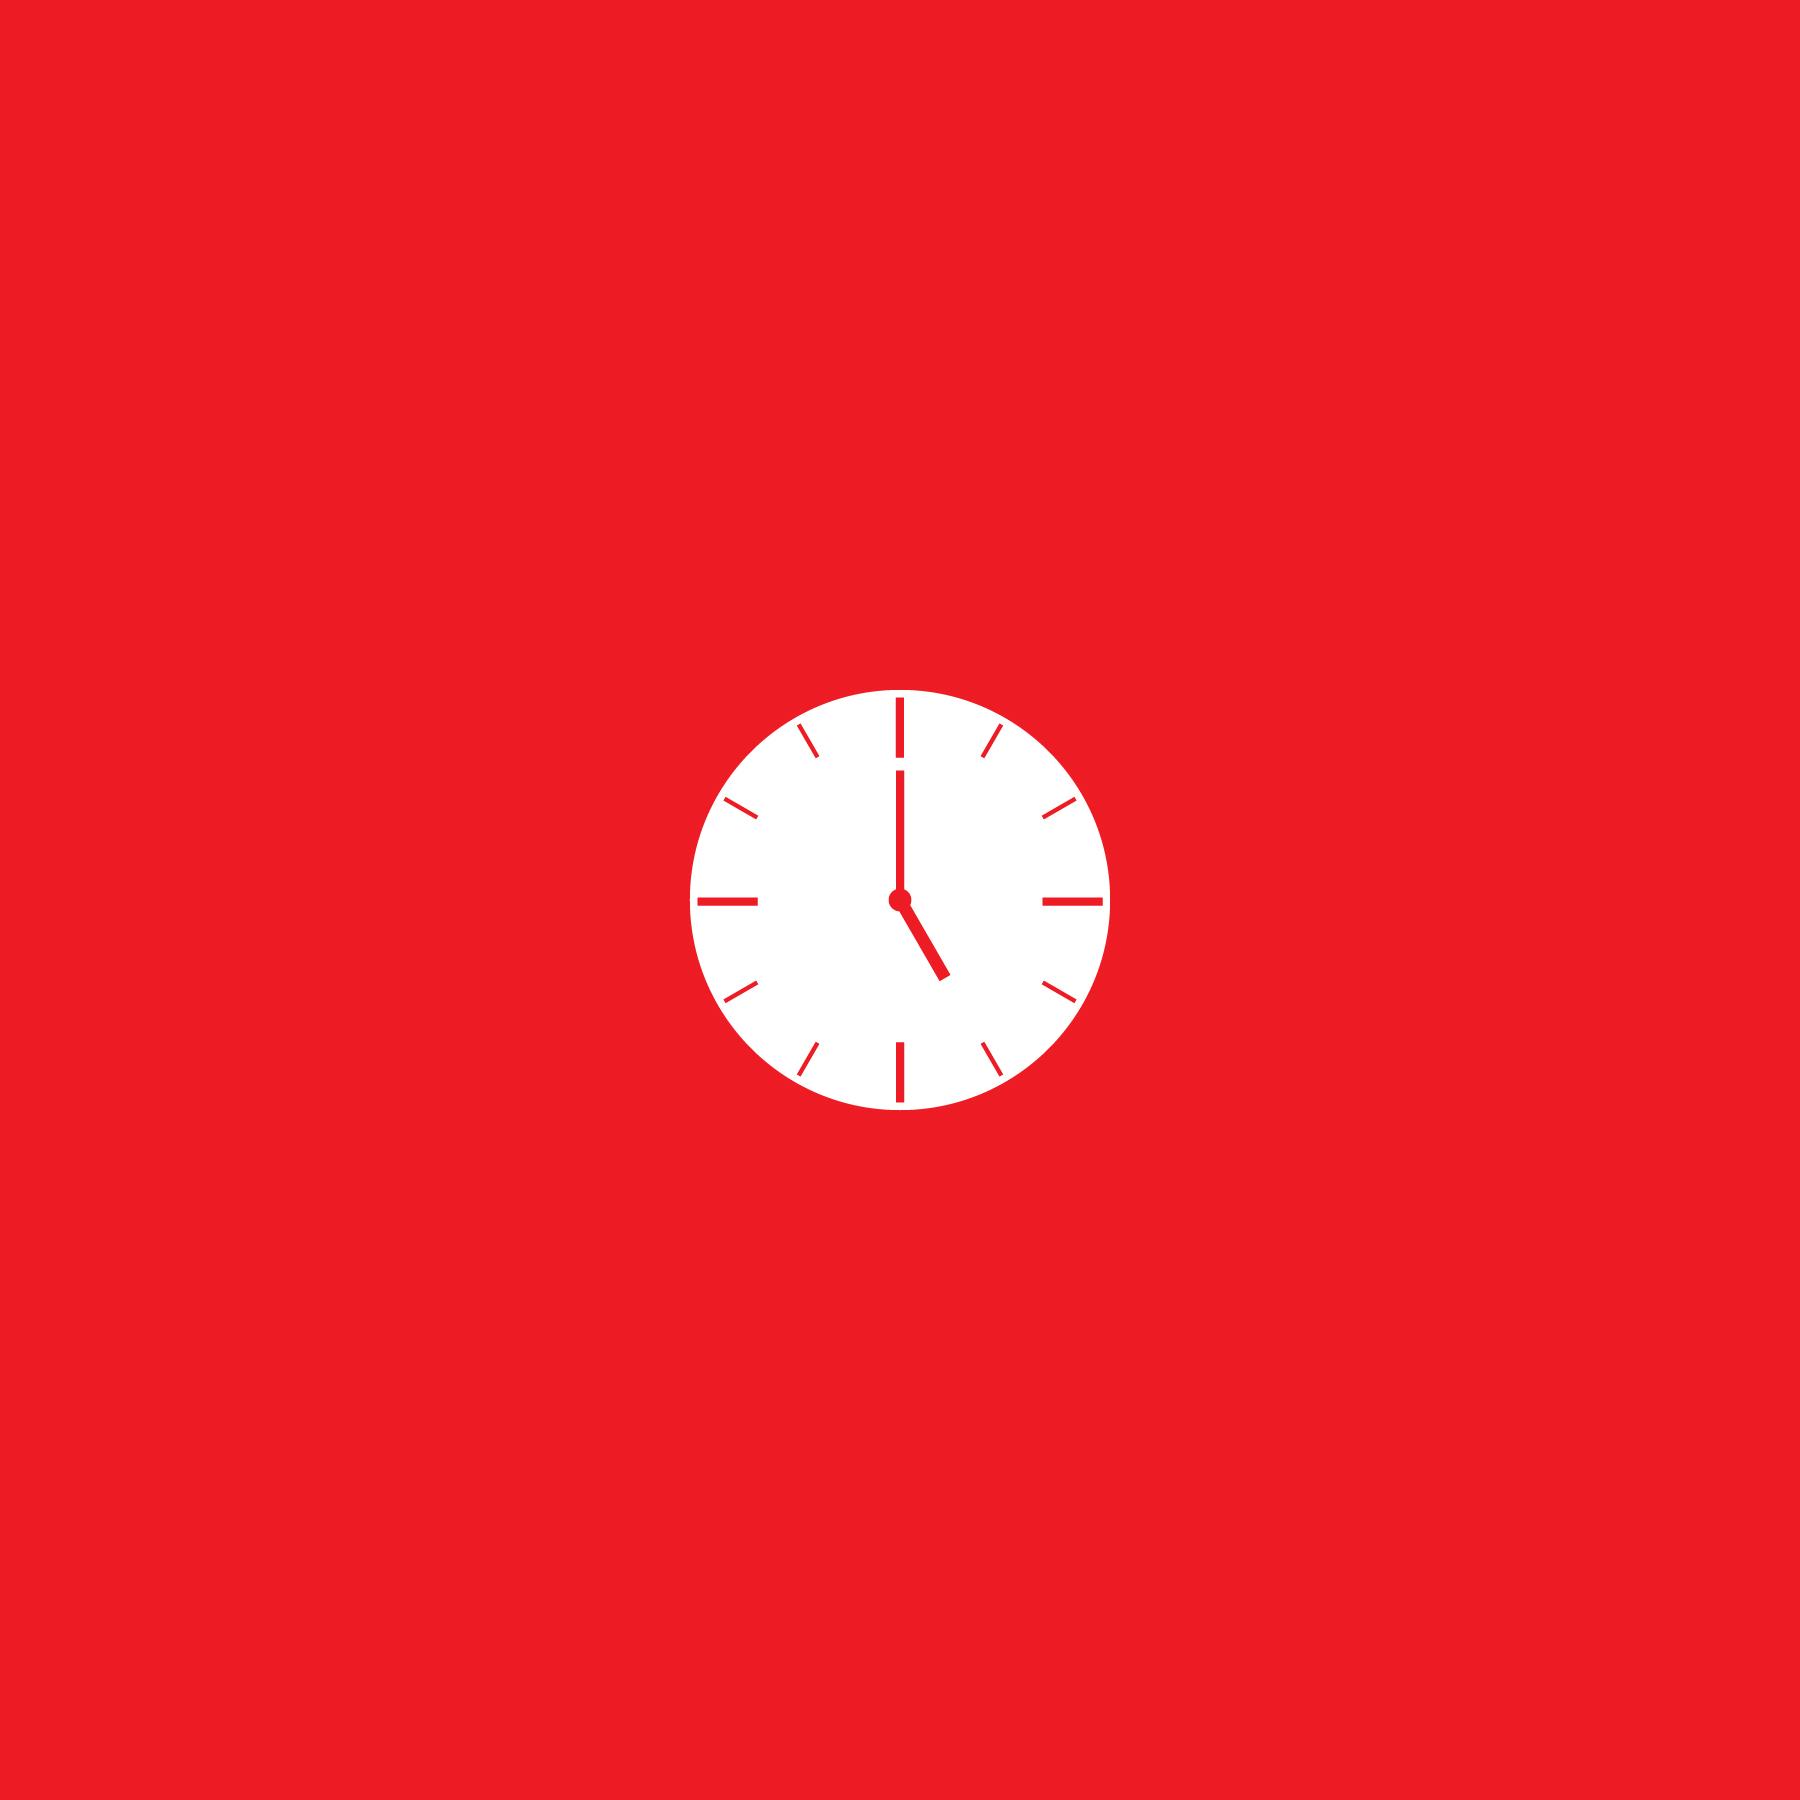 TIME-4.jpg